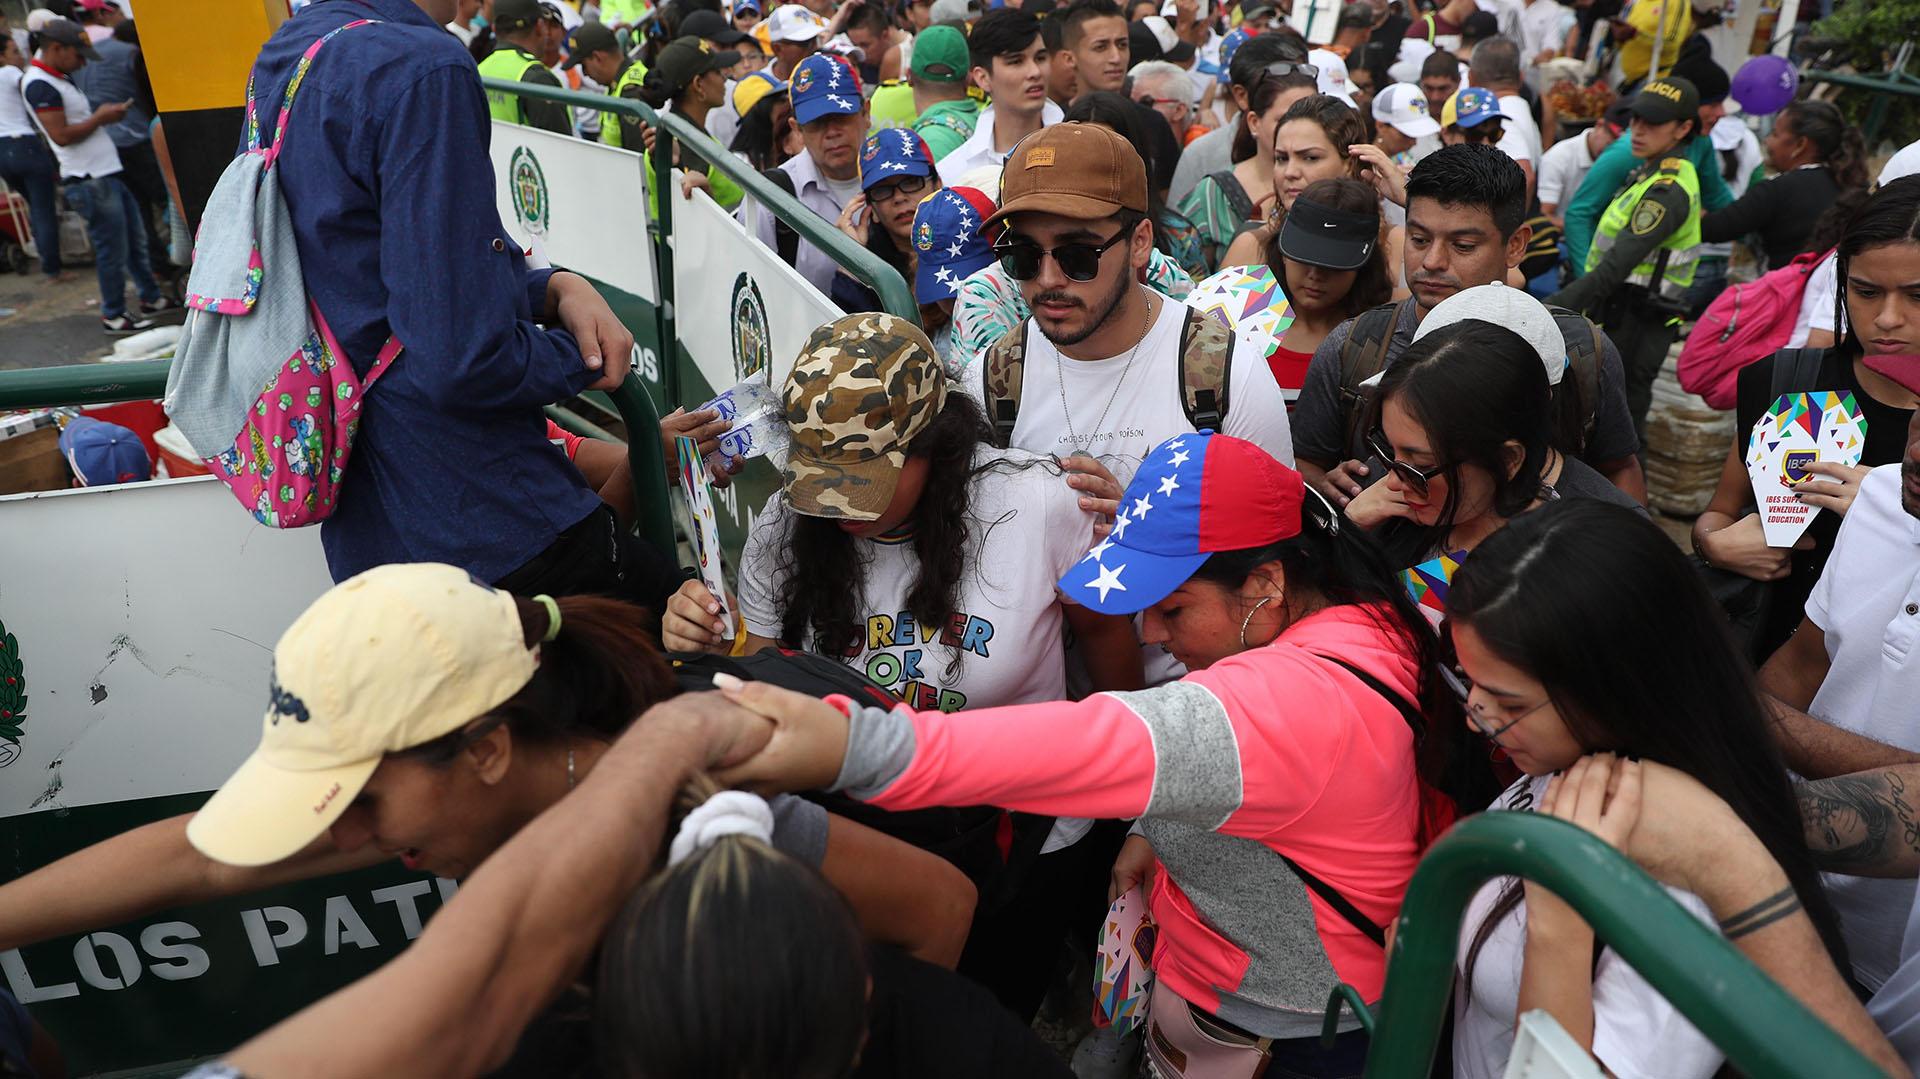 En total serán 32 artistas de Argentina, Colombia, España, Estados Unidos, México, Puerto Rico, Suecia y Venezuela quienes participarán del concierto que busca recaudar hasta 100 millones de dólares en 60 días. (EFE/ Ernesto Guzmán)